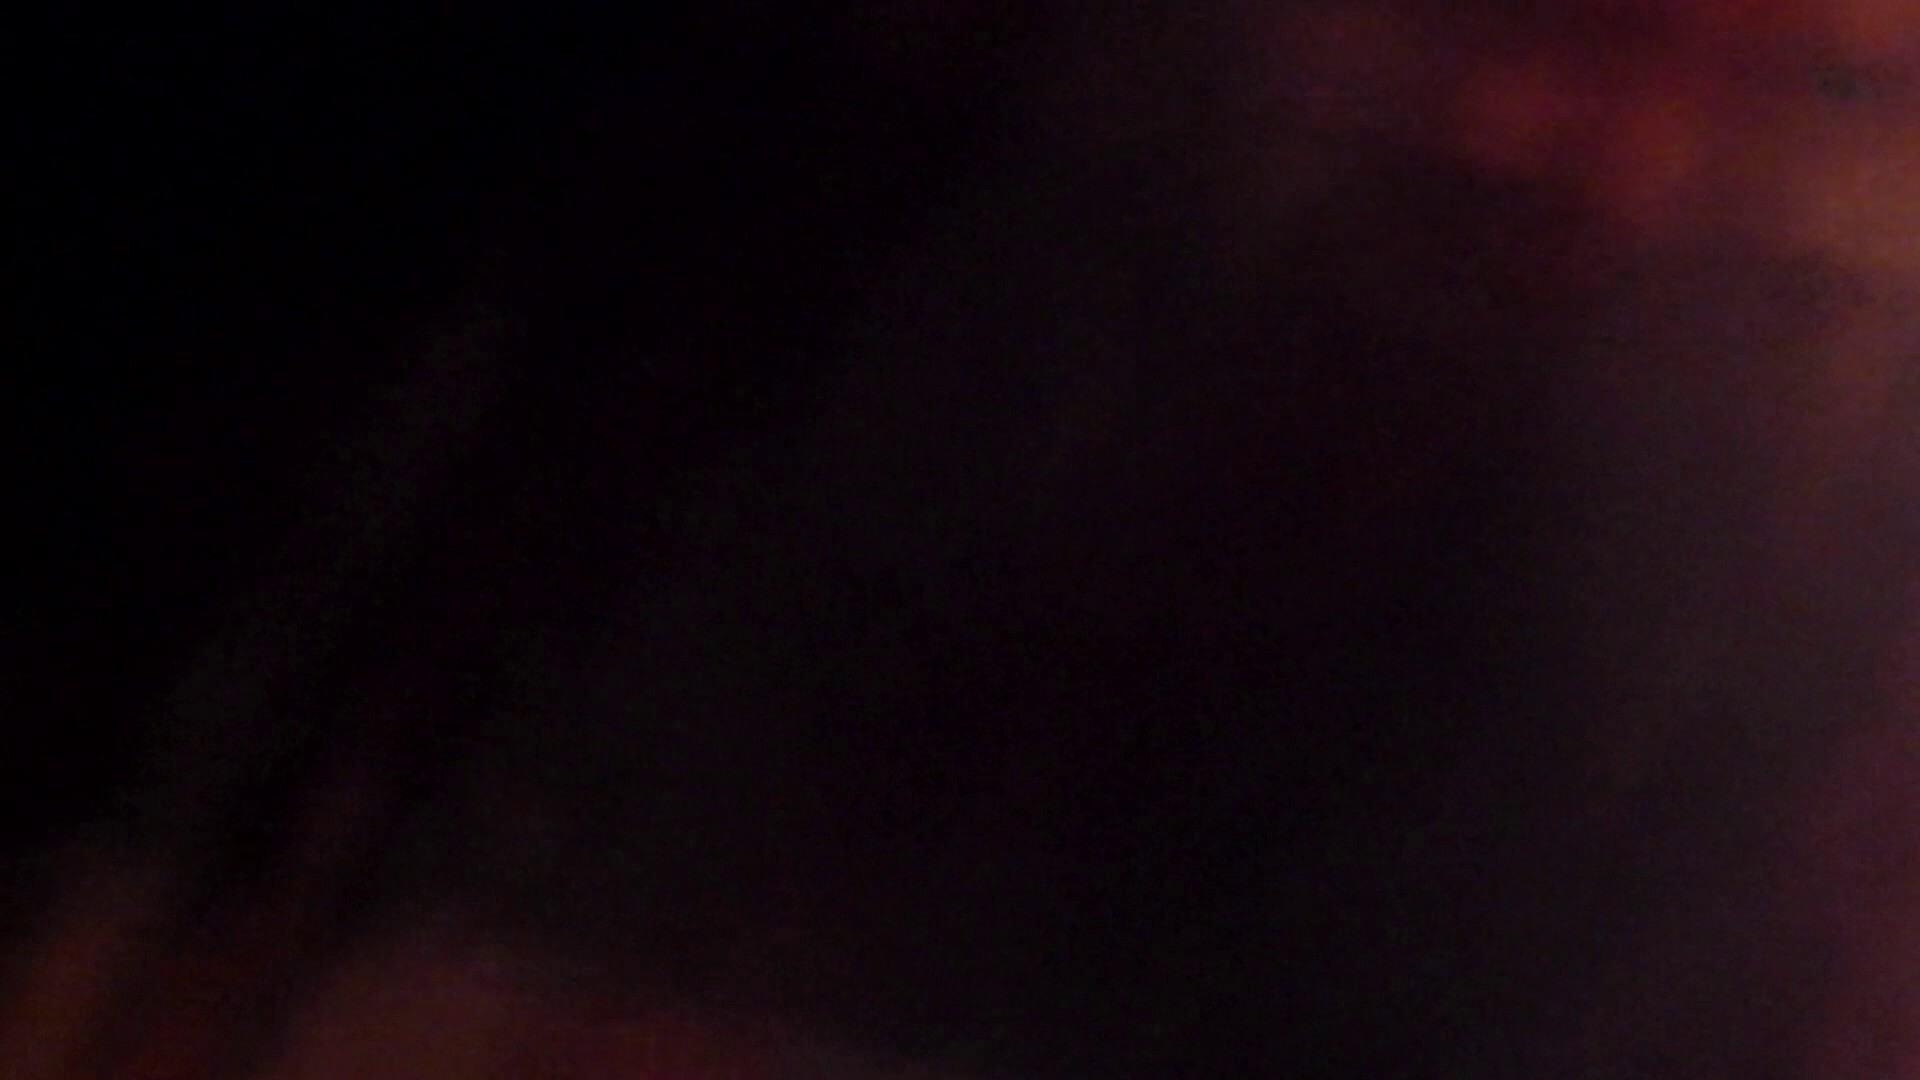 ▲復活限定▲マンコ丸見え!花火大会潜入撮 Vol.02 明るい場所に移動! 期間限定   マンコ  83画像 49